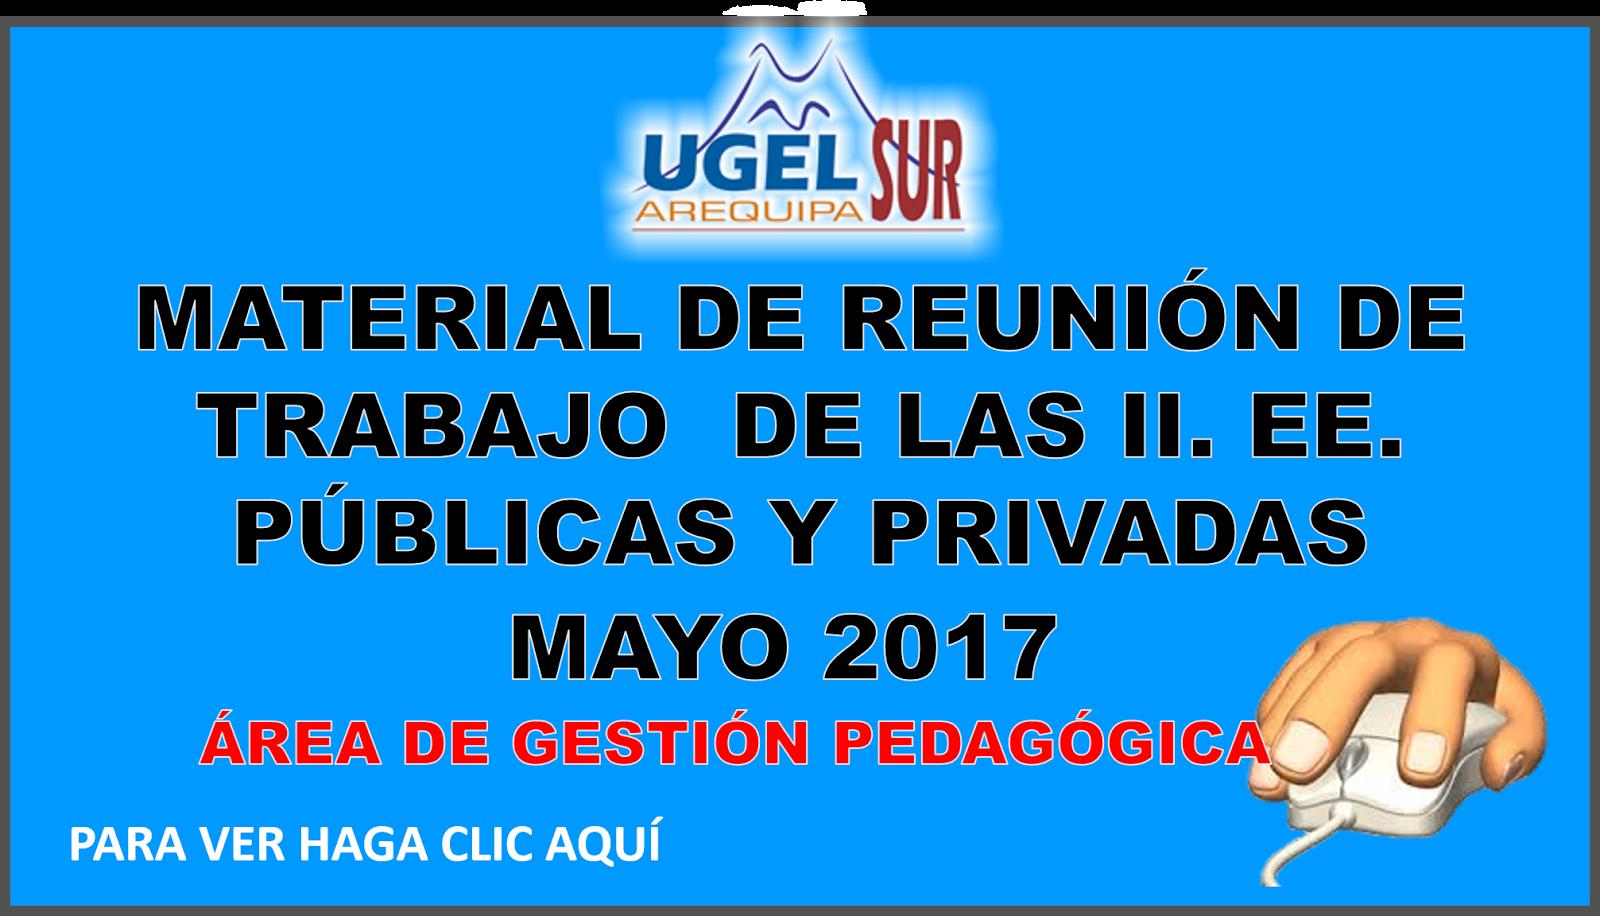 MATERIAL DE REUNIÓN DE TRABAJO  DE LAS II. EE. PÚBLICAS Y PRIVADAS